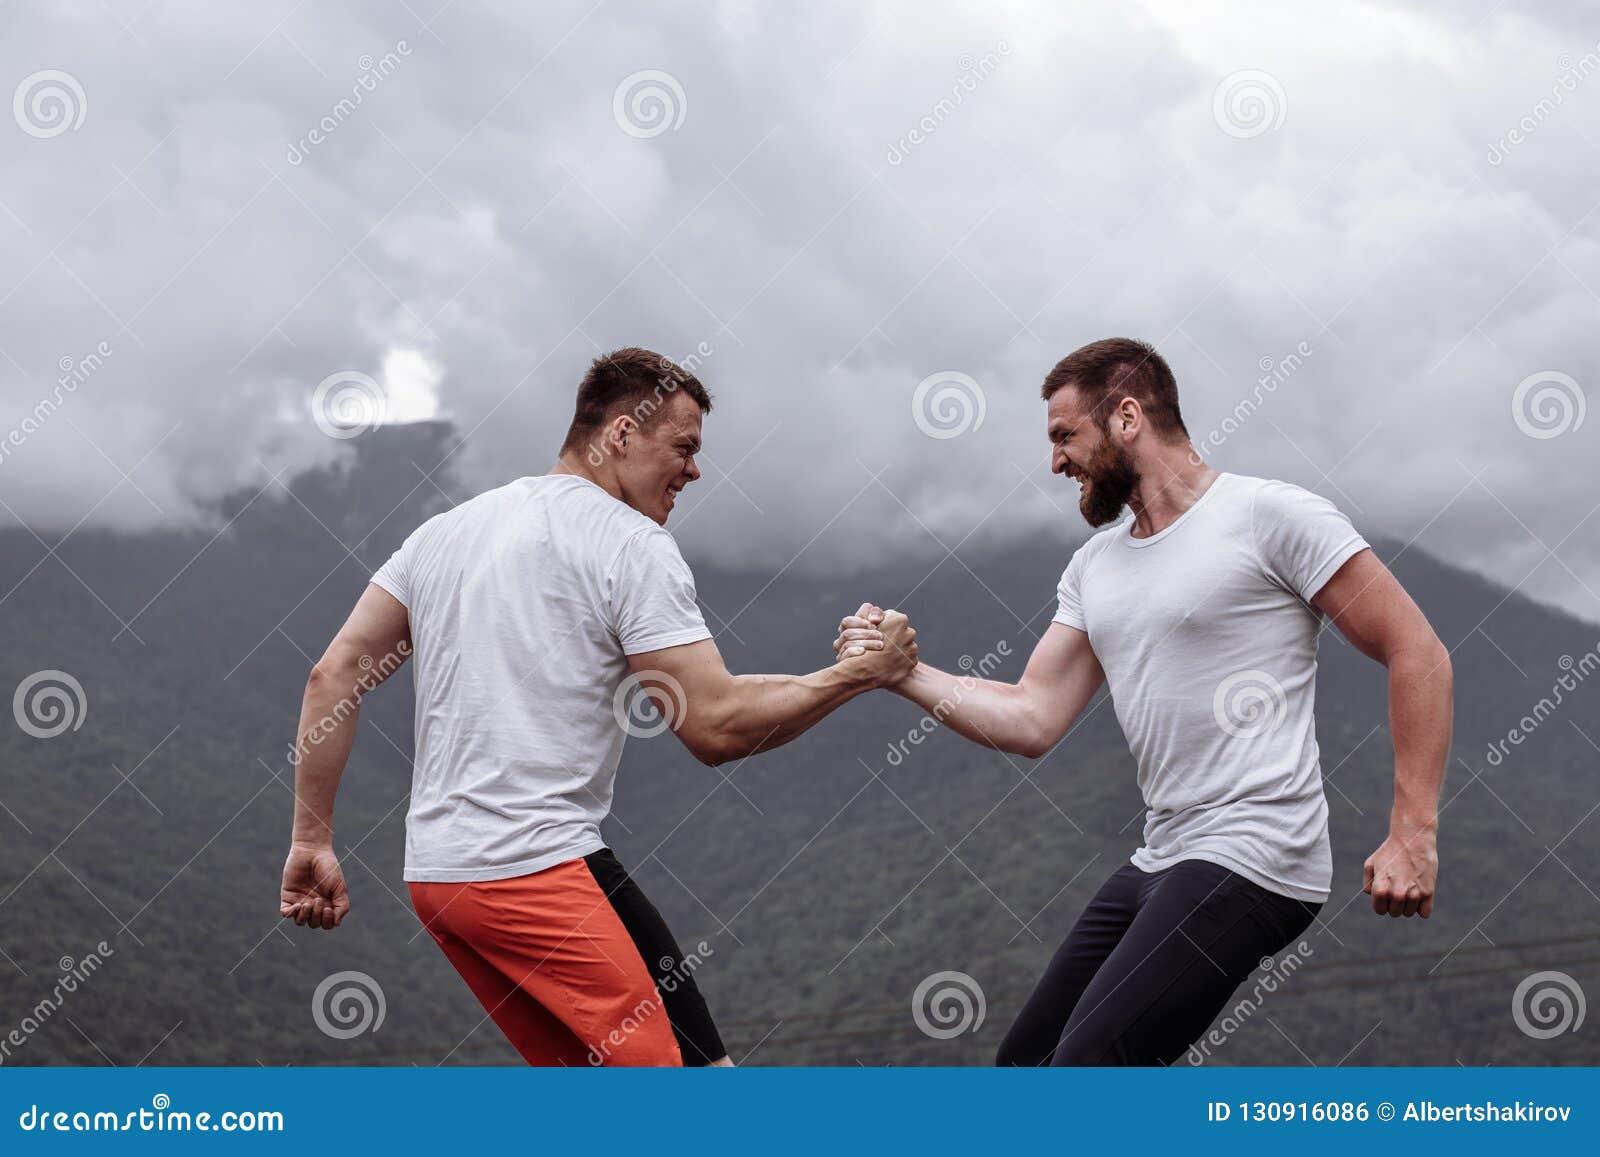 Zwei kaukasische Athleten in messenden Kräften der sportiven Abnutzung Training am im Freien